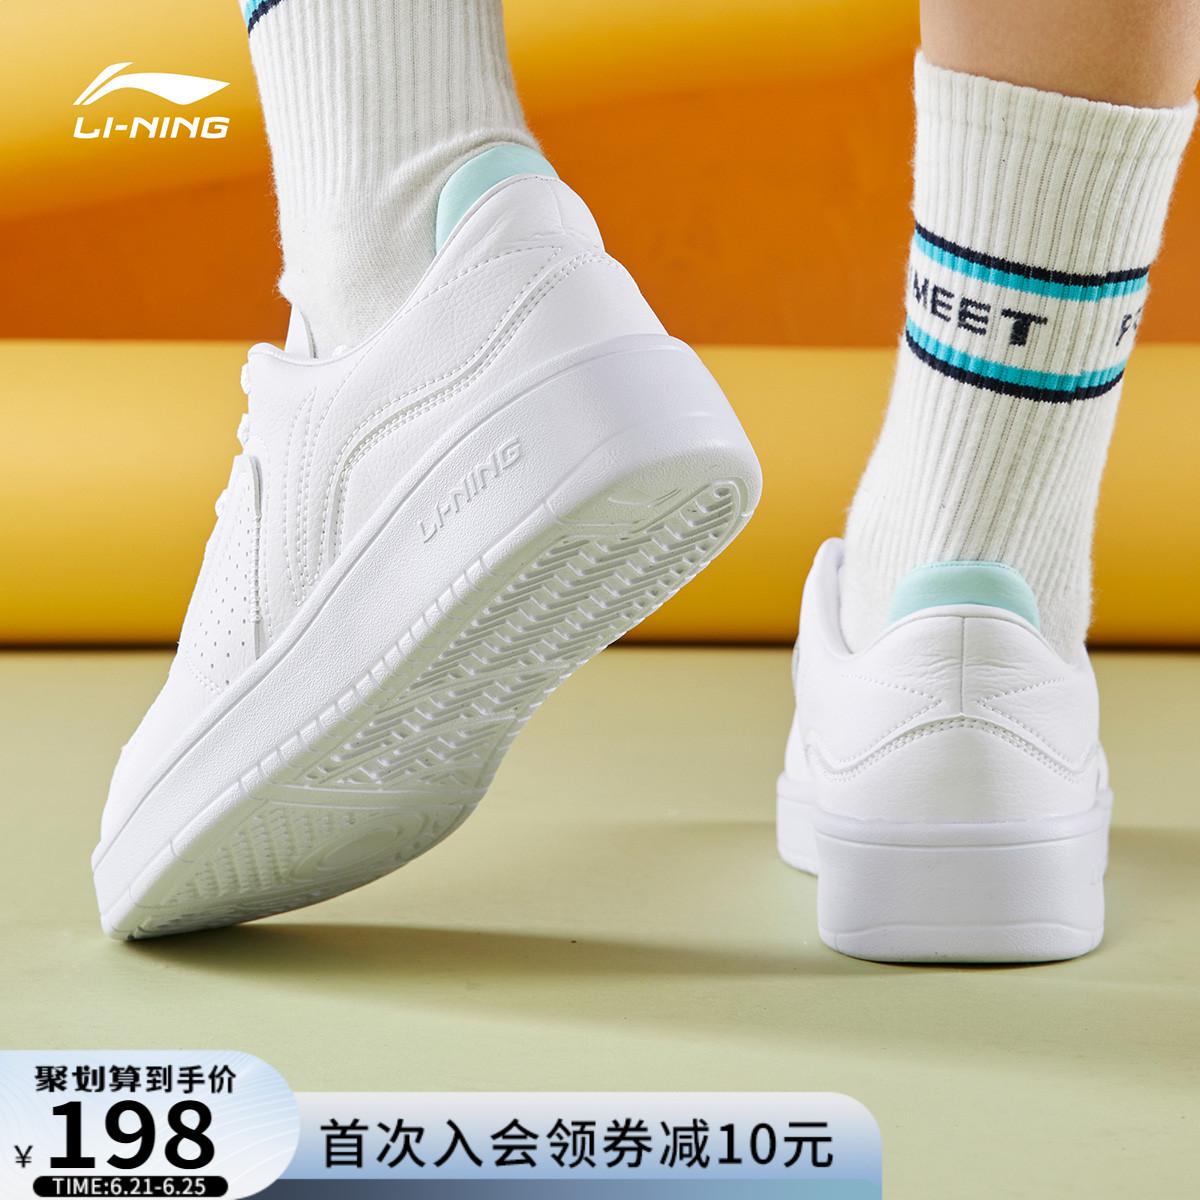 白色厚底鞋 李宁小白鞋女夏季新款白色休闲鞋女士厚底正品透气运动鞋板鞋女鞋_推荐淘宝好看的白色厚底鞋